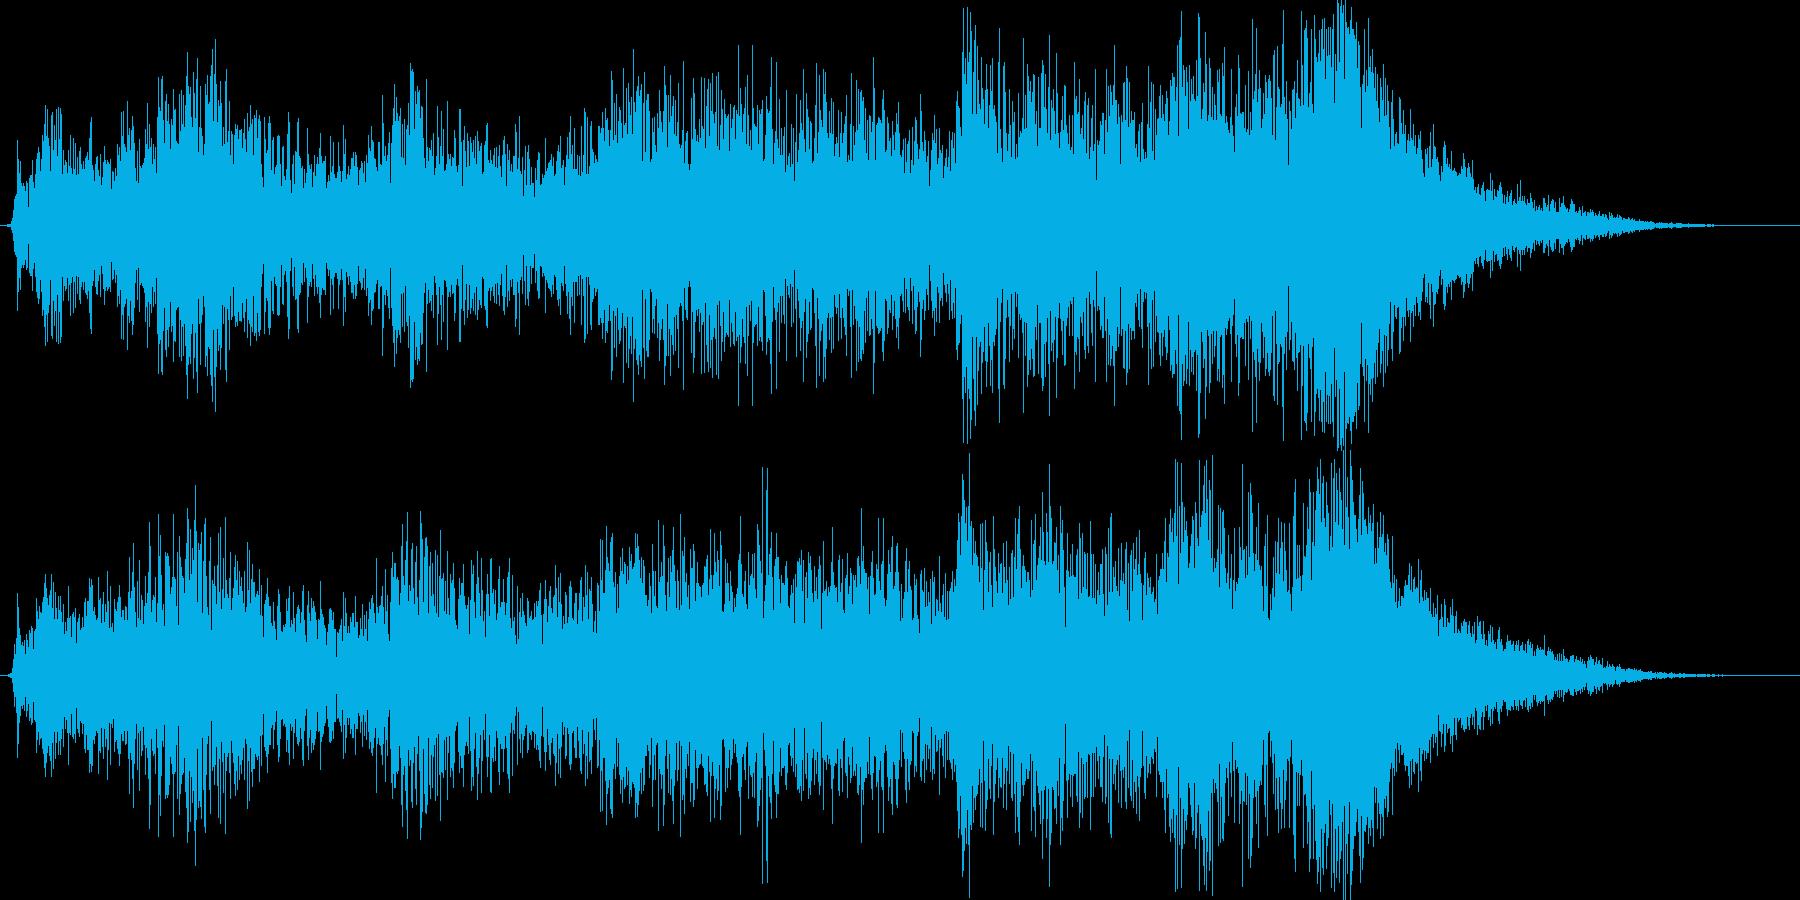 オープニングBGMイメージの再生済みの波形